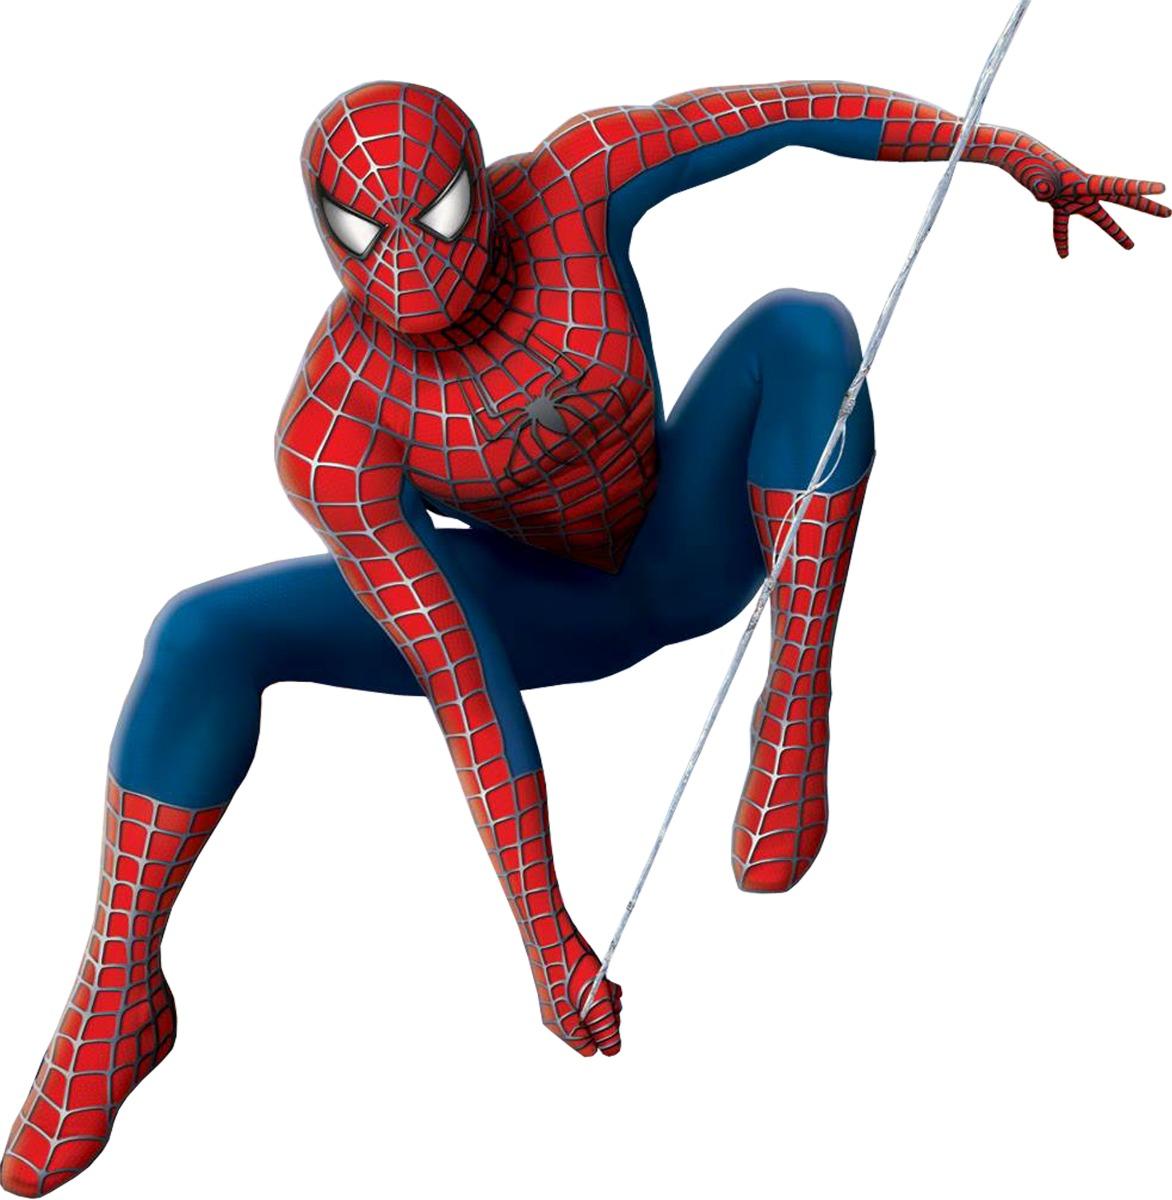 desenho do homem aranha online dating